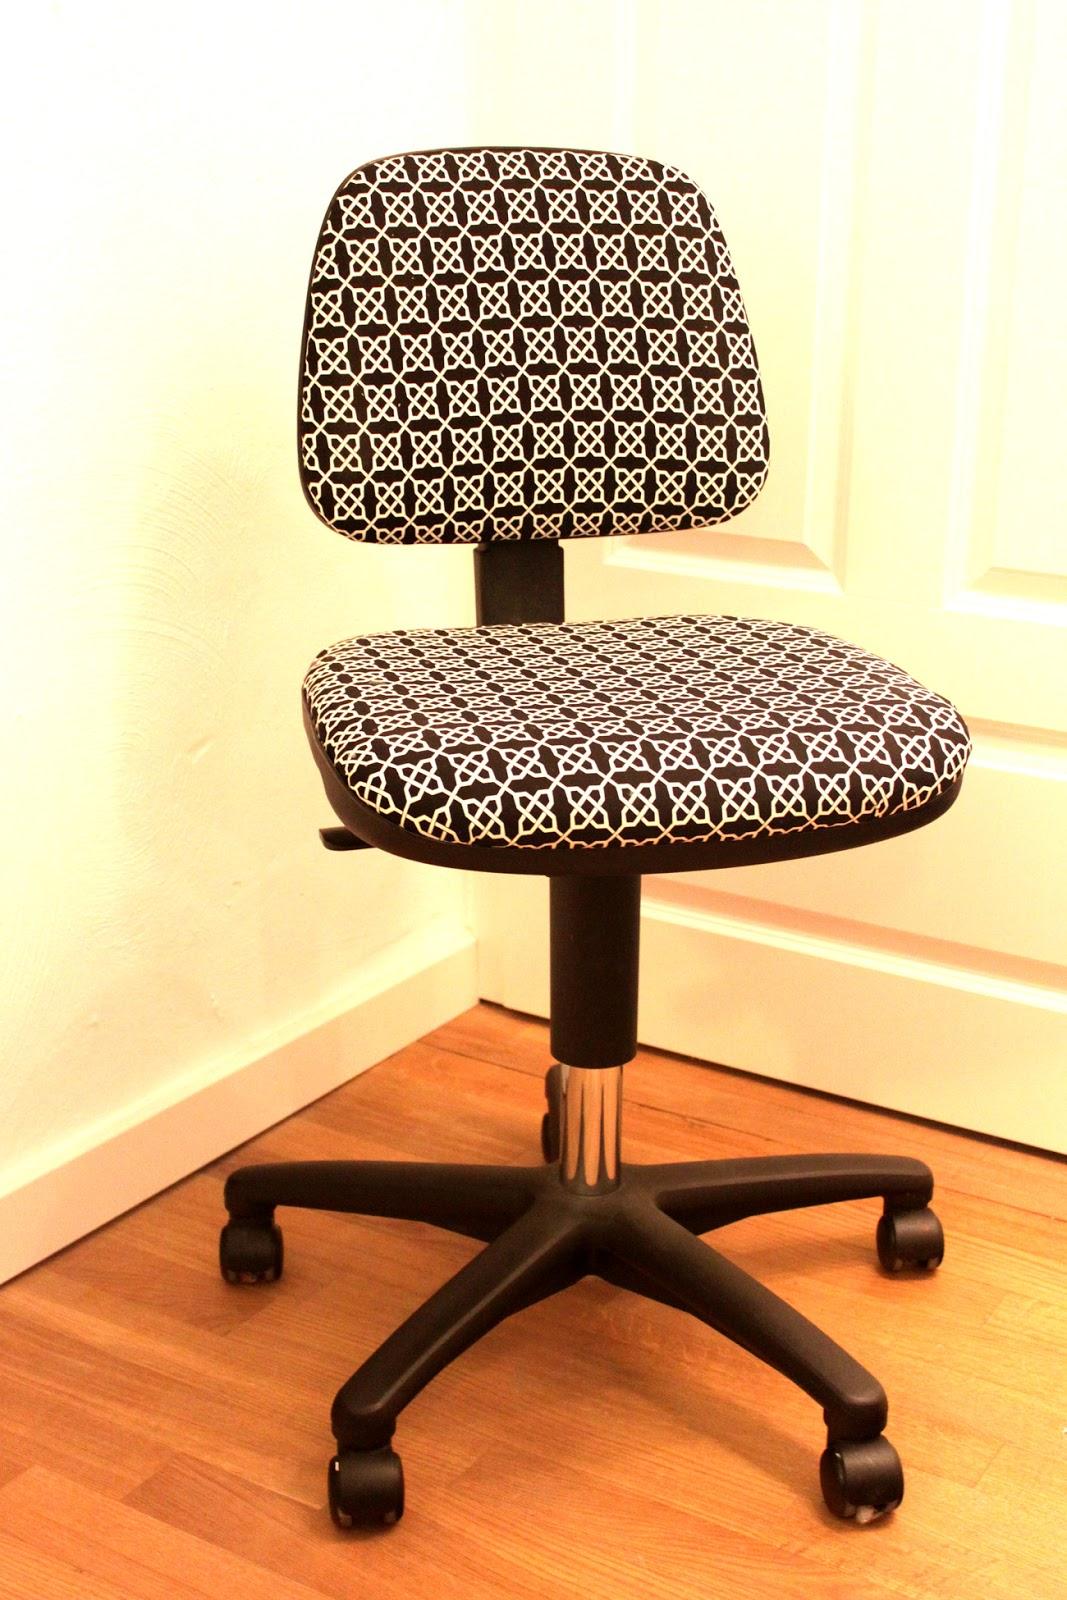 makeover pimp your drehstuhl in weniger als 1 stunde pepelinchen der n hblog. Black Bedroom Furniture Sets. Home Design Ideas